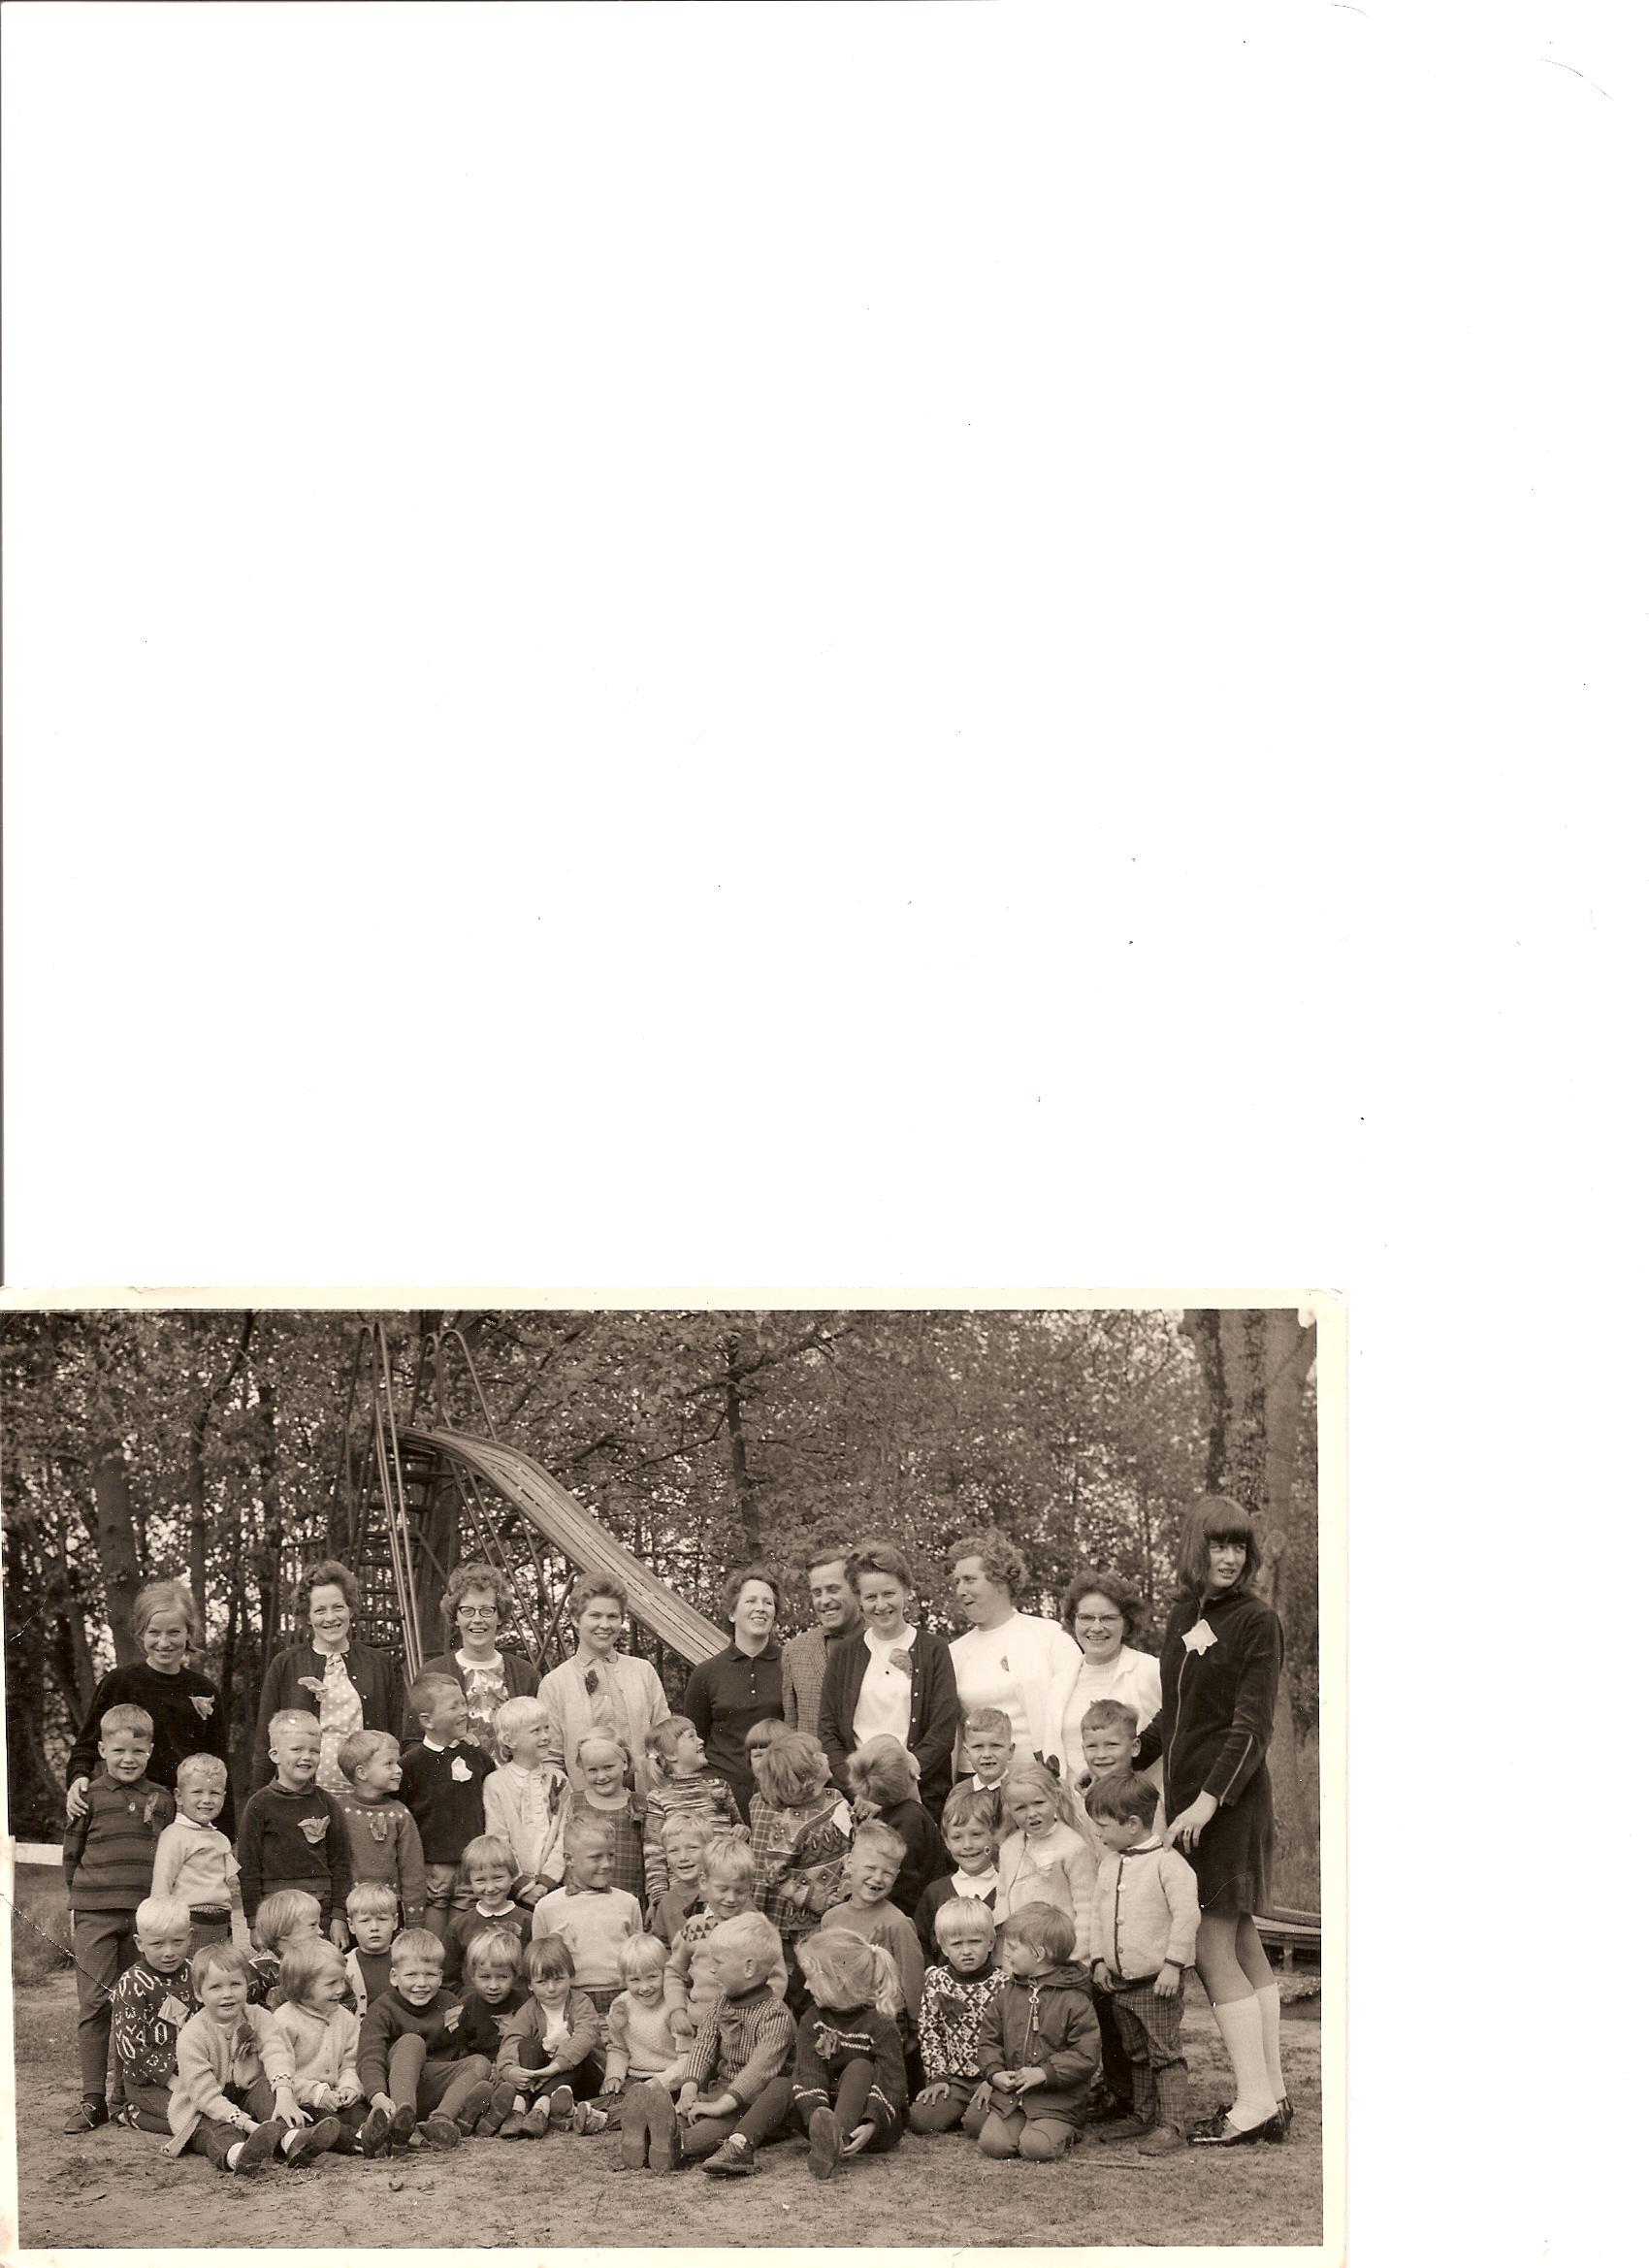 Dr. J. Botkeschool foto